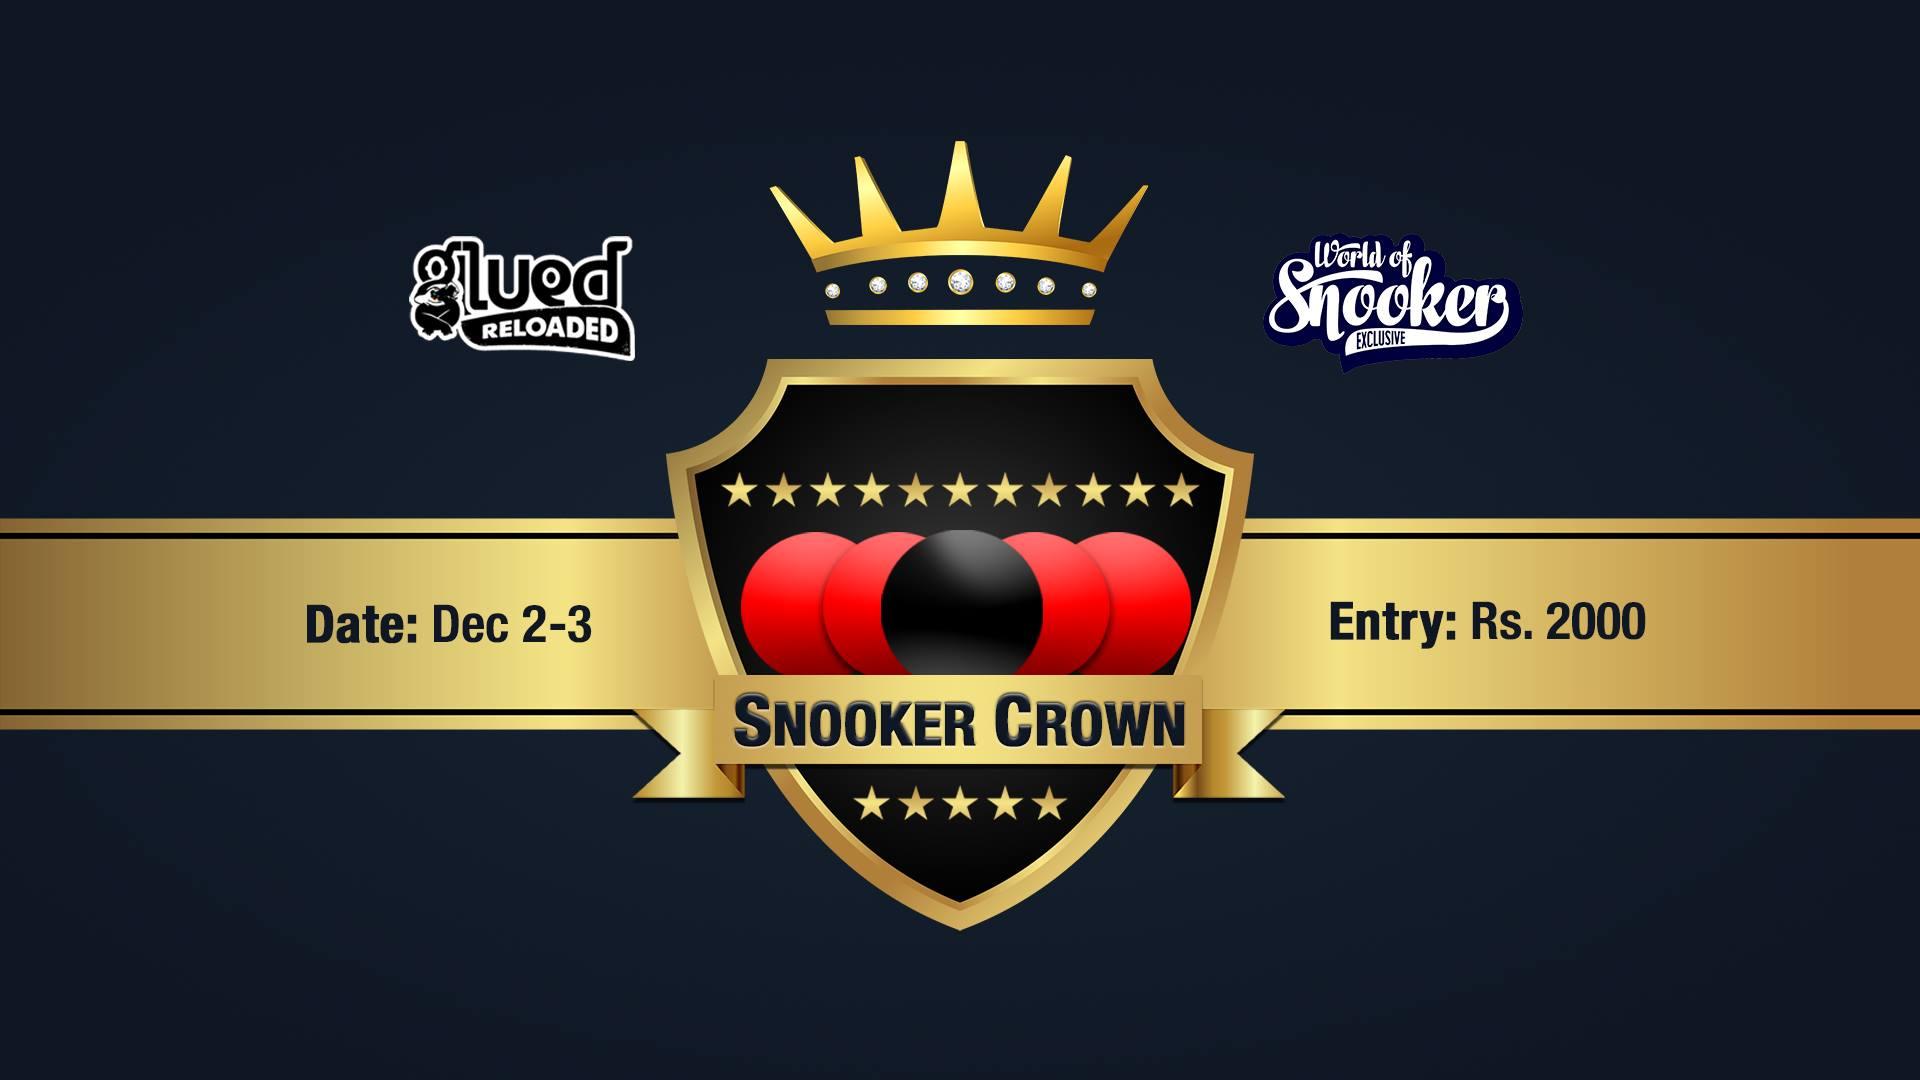 Snooker Crown